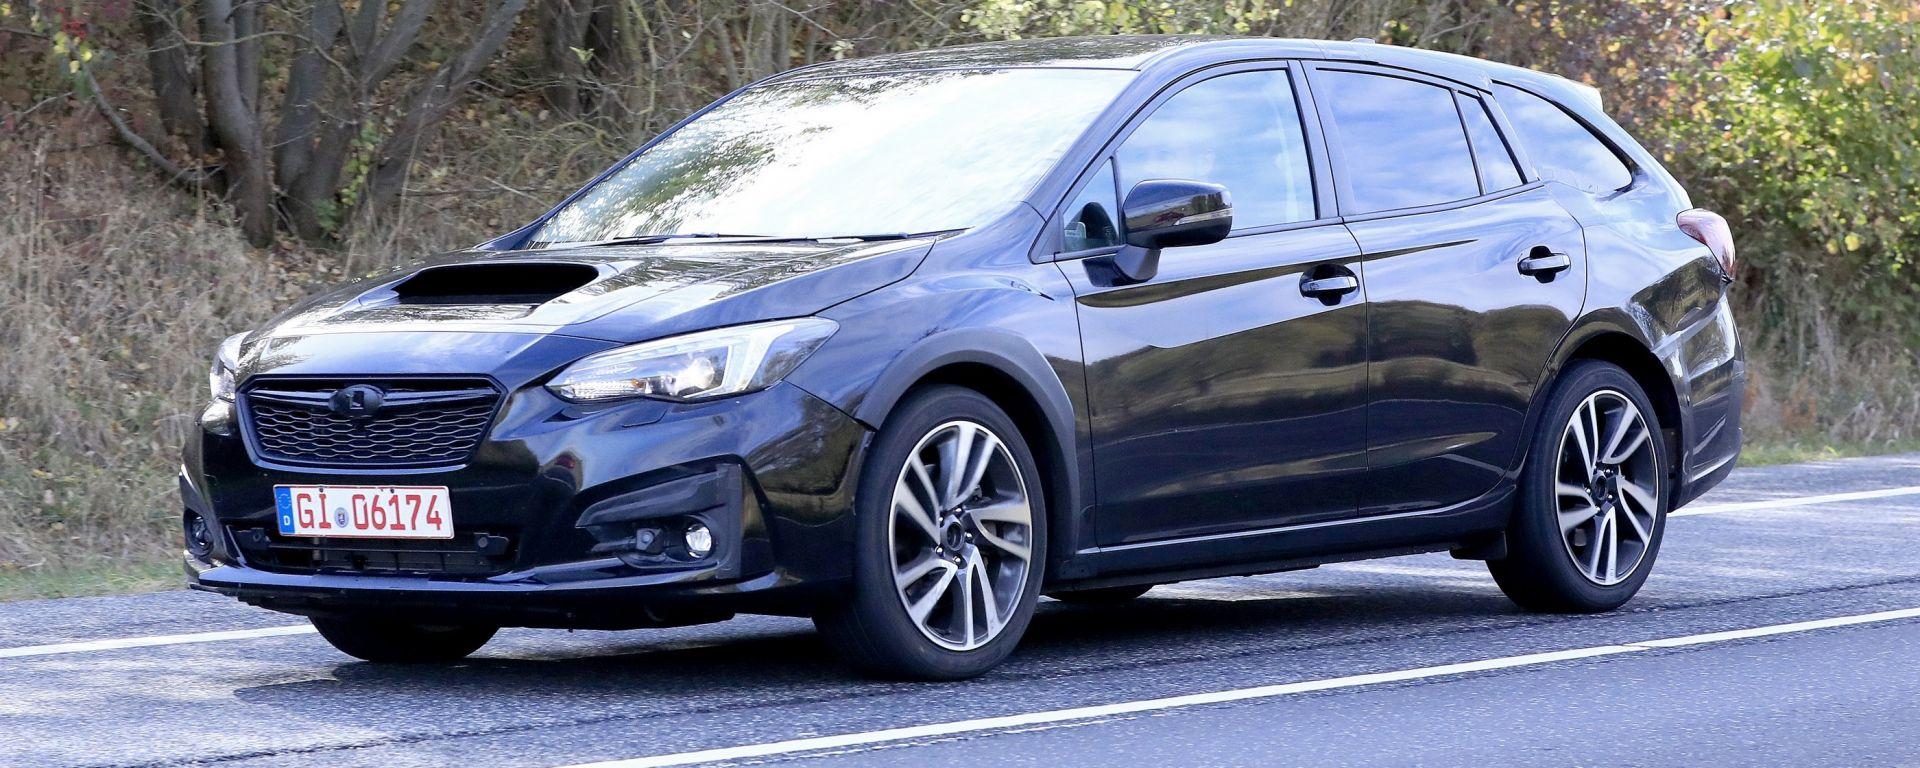 Nuova Subaru Levorg 2019: arriva a Ginevra. Anteprima ...